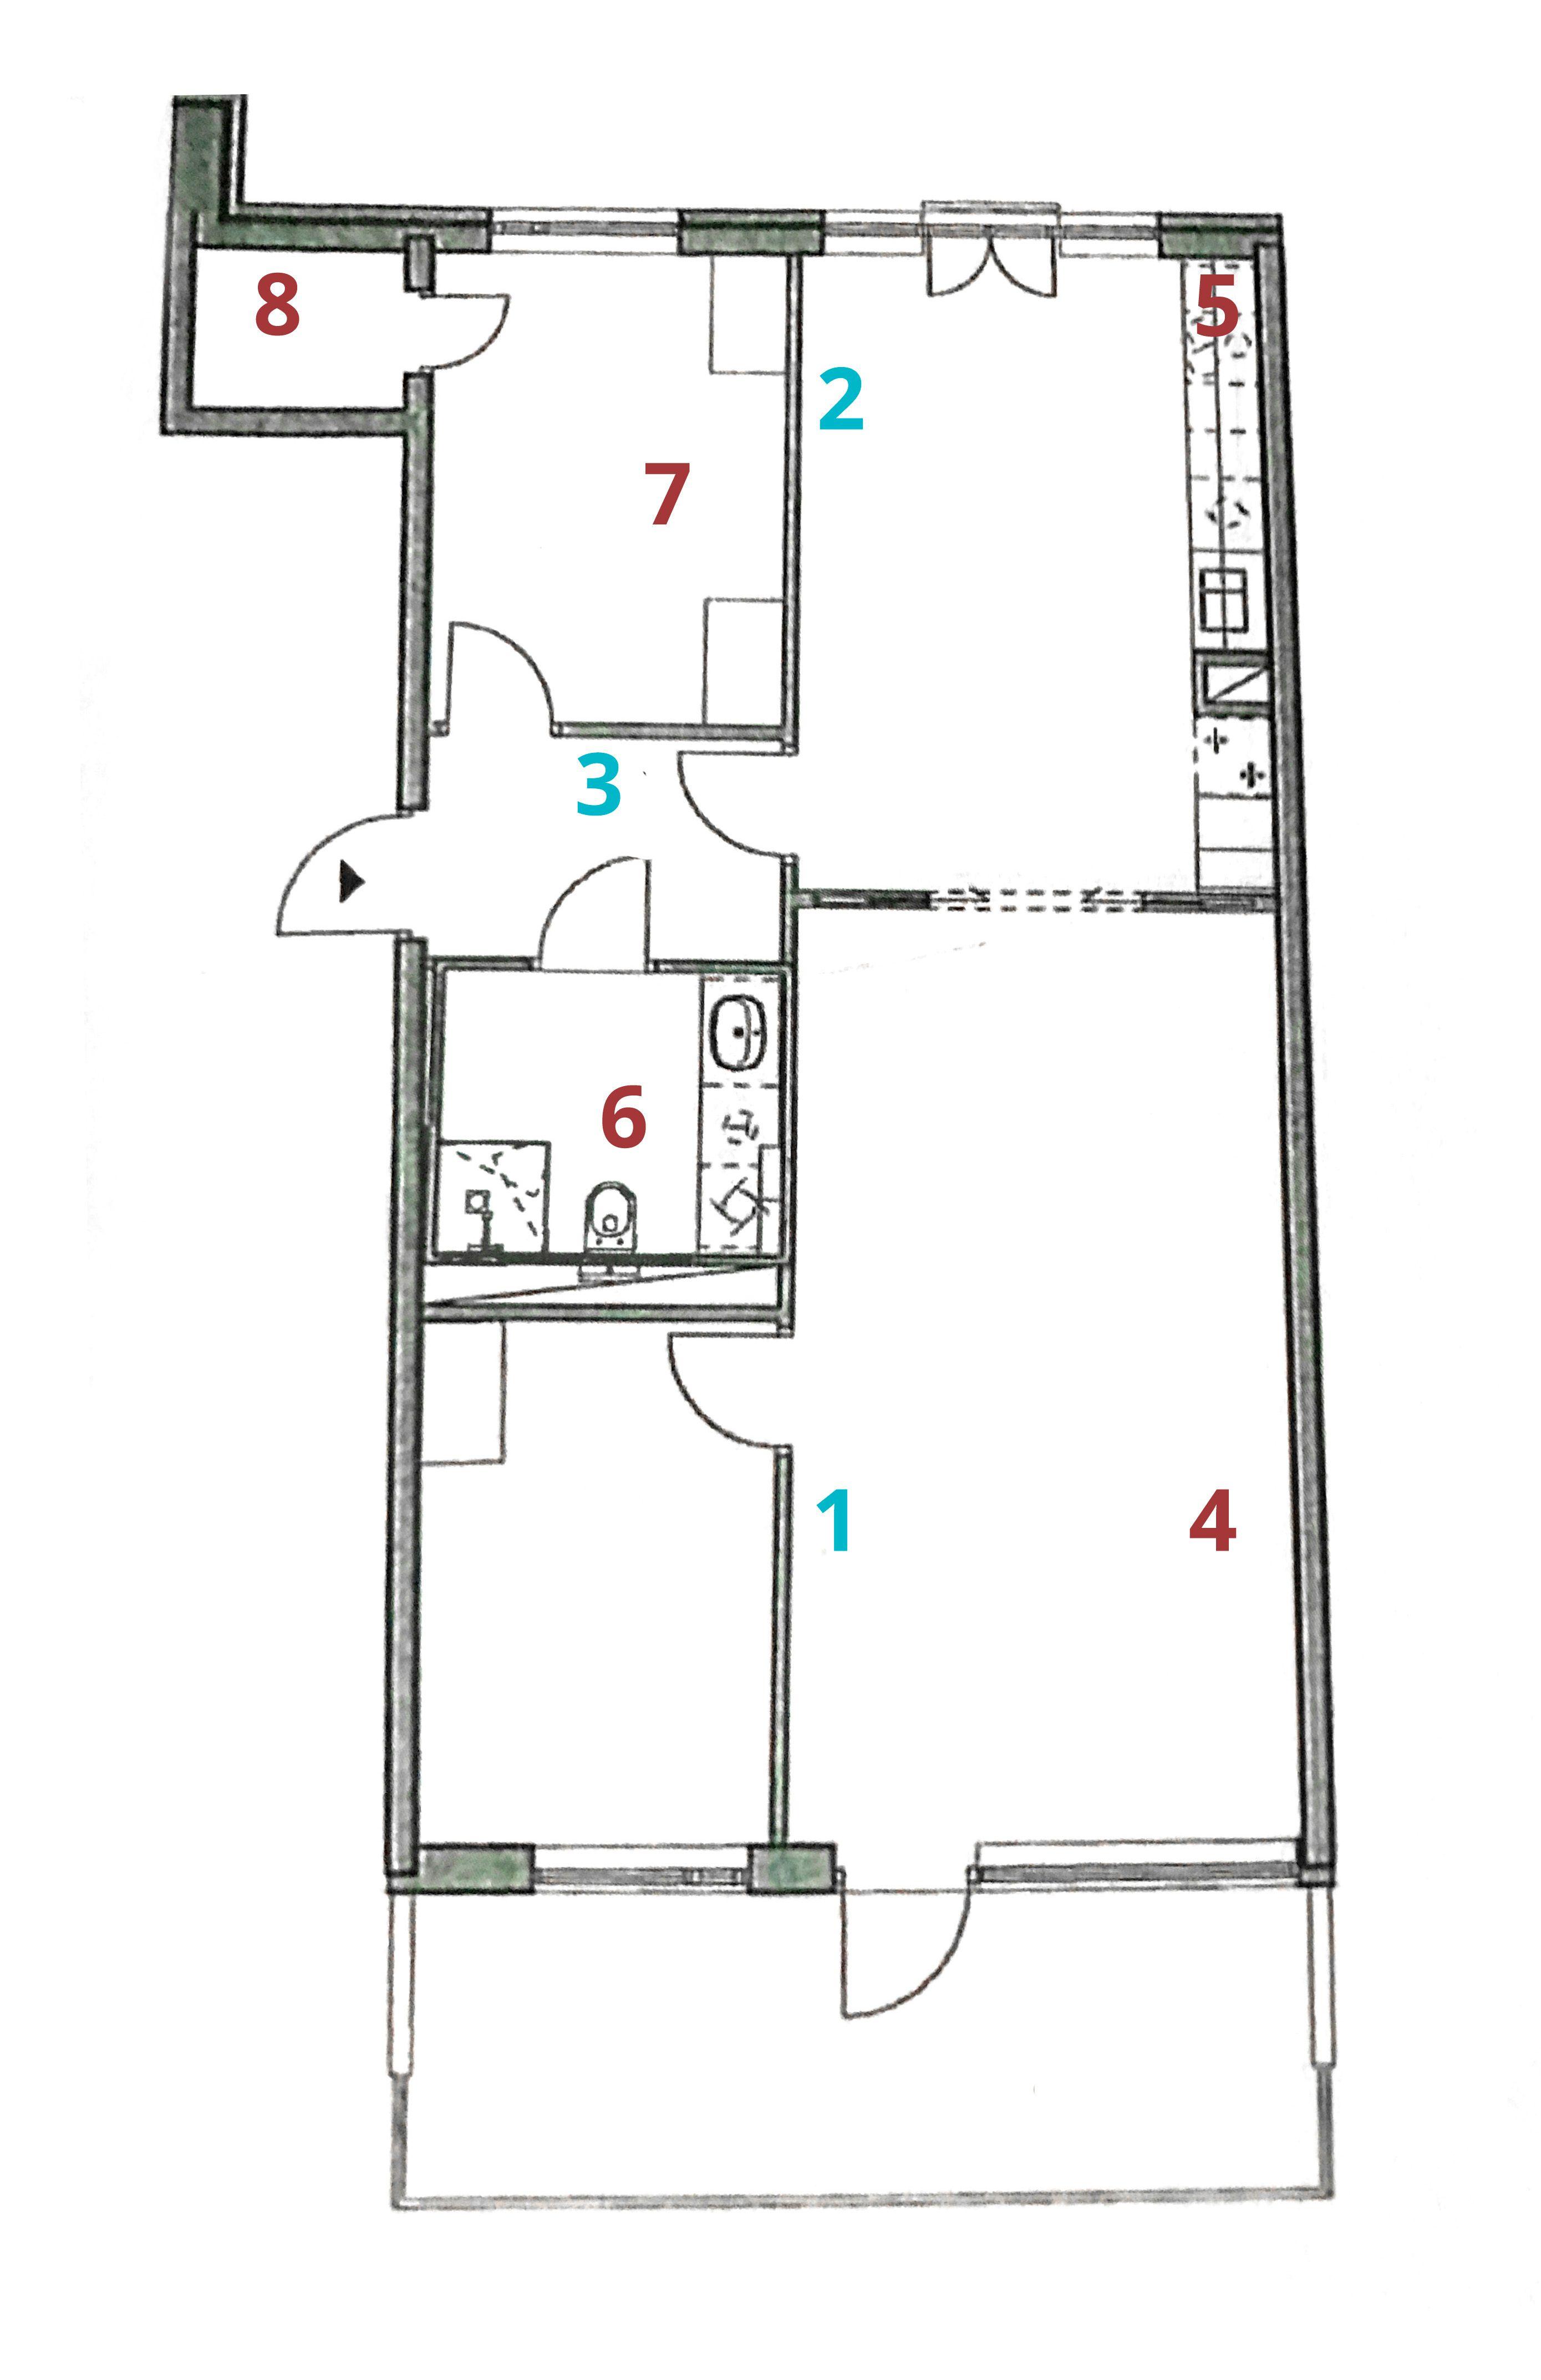 Slik ser testleiligheten ut: 1,2 og 3 er plasseringen av Airties-enhetene, 4-8 er de ulike testpunktene.